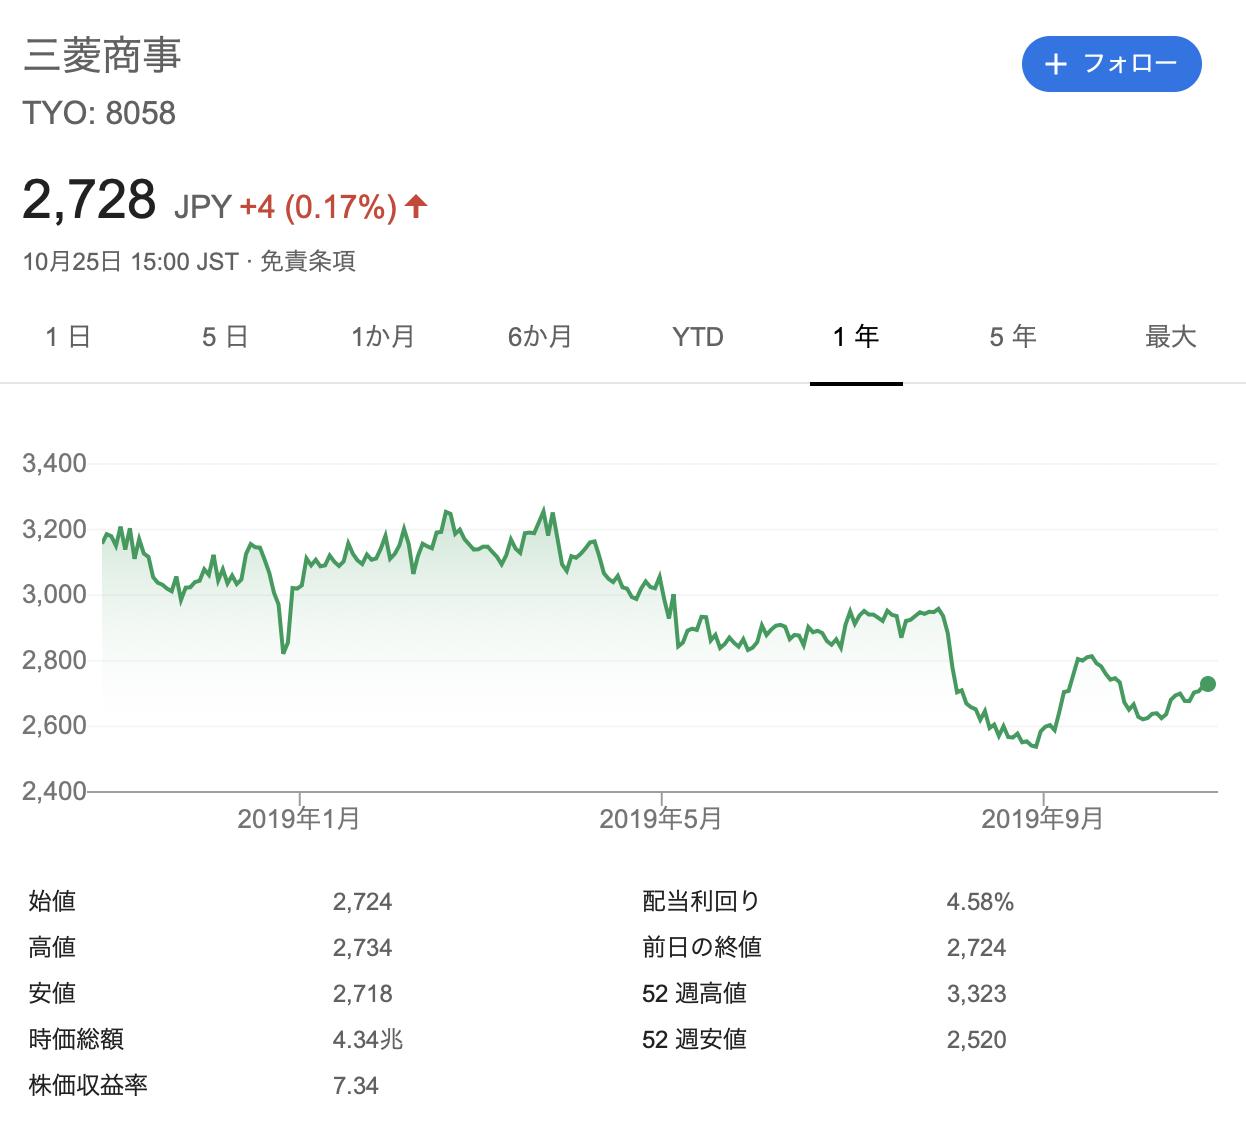 三菱商事 株価